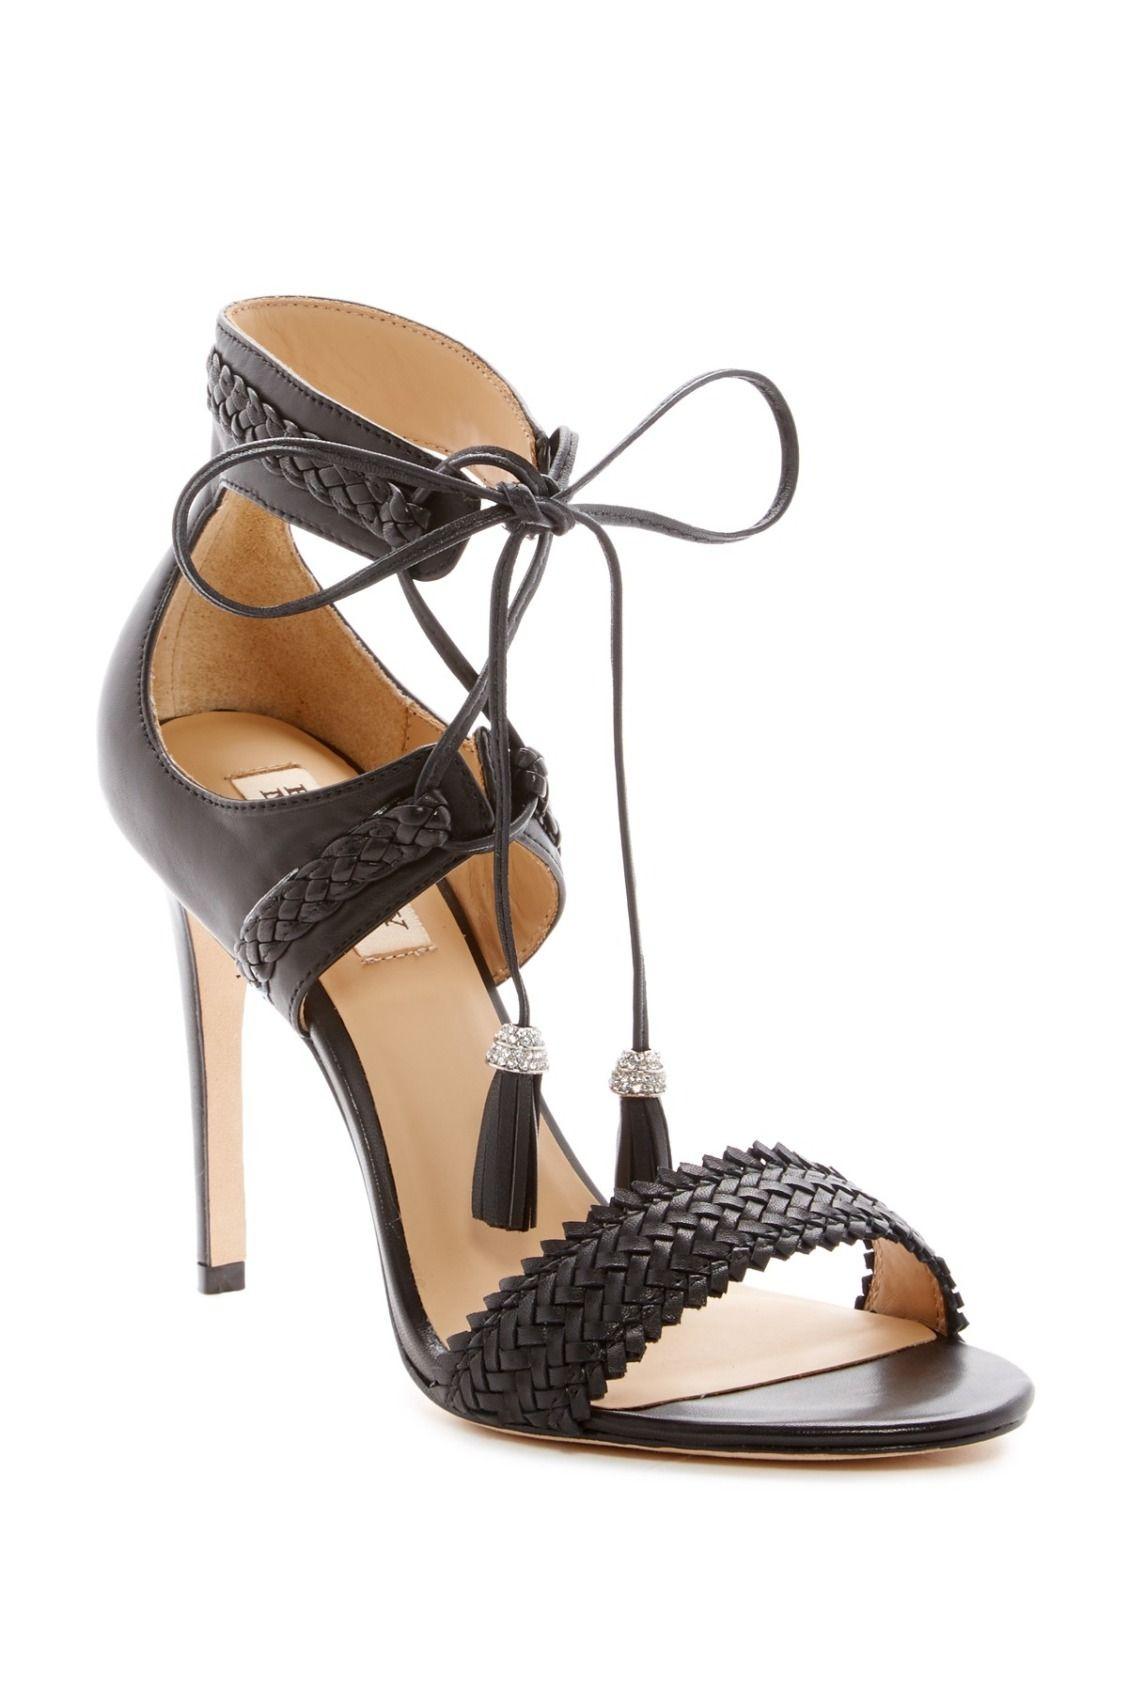 Stunning Badgley Mischka Bombay Ankle-Tie Sandals